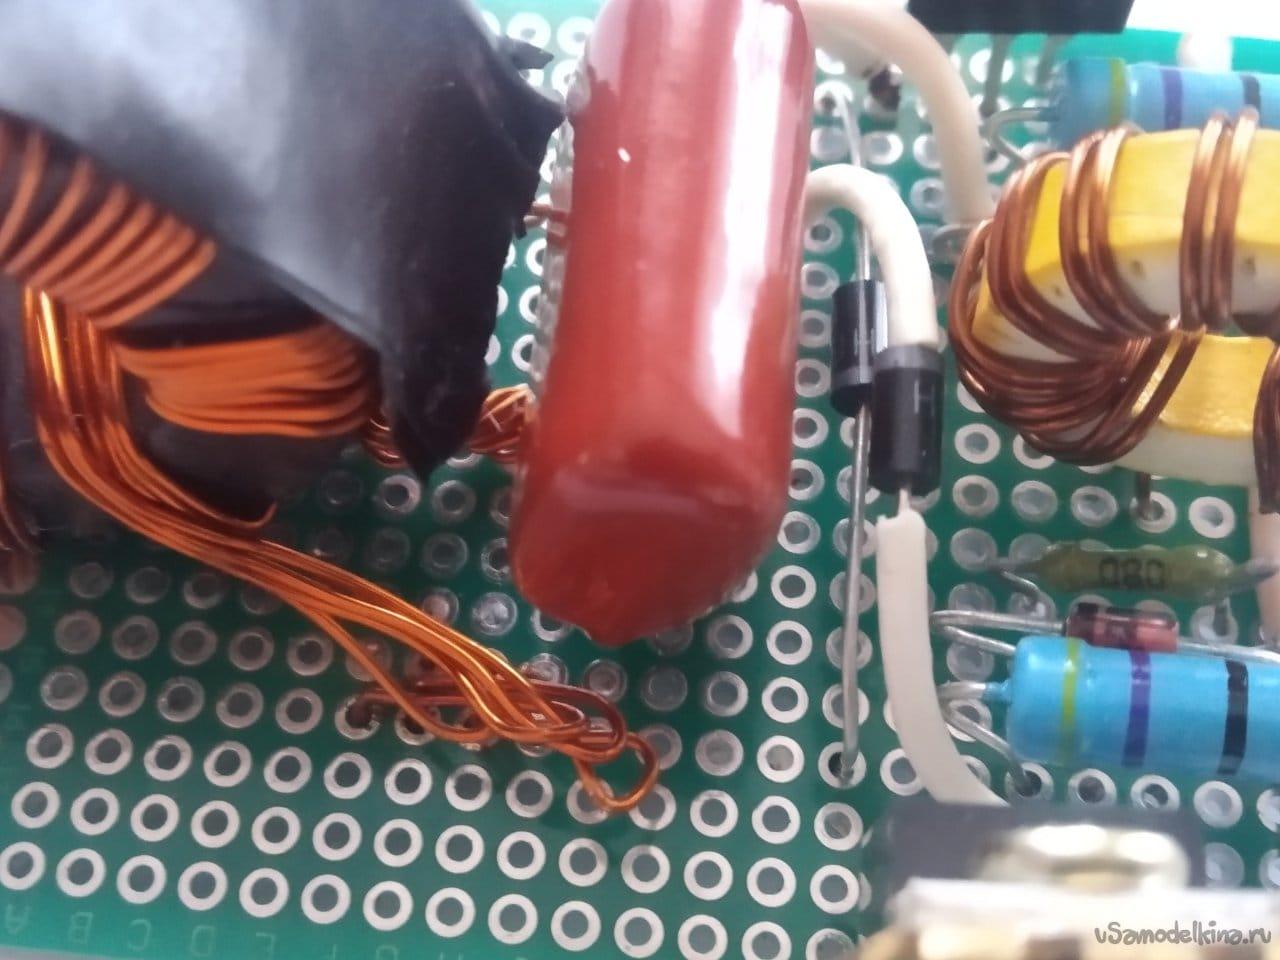 Mini spot welder with 12V supply